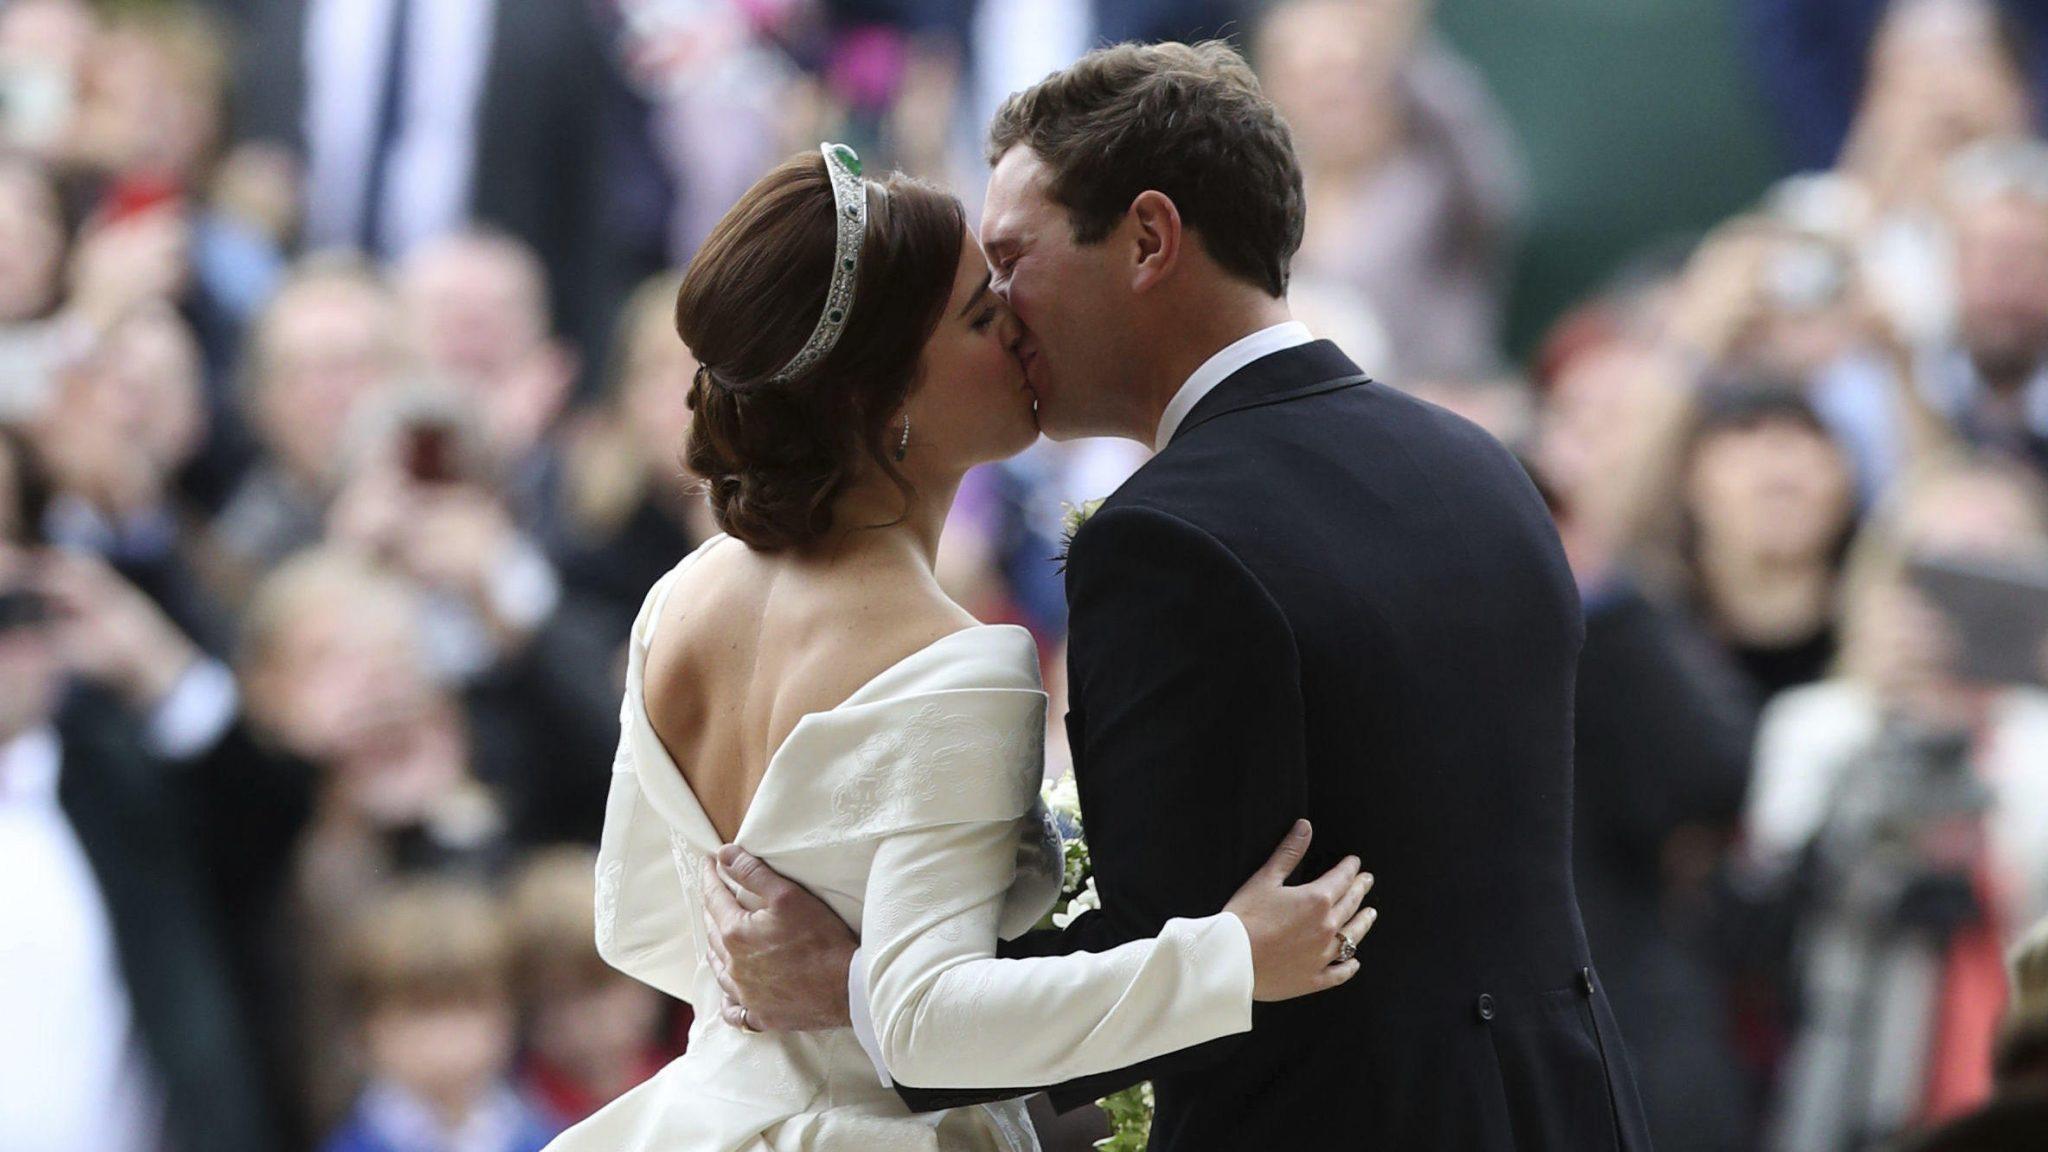 Matrimonio Eugenia di York: abito da sposa senza velo, perché?